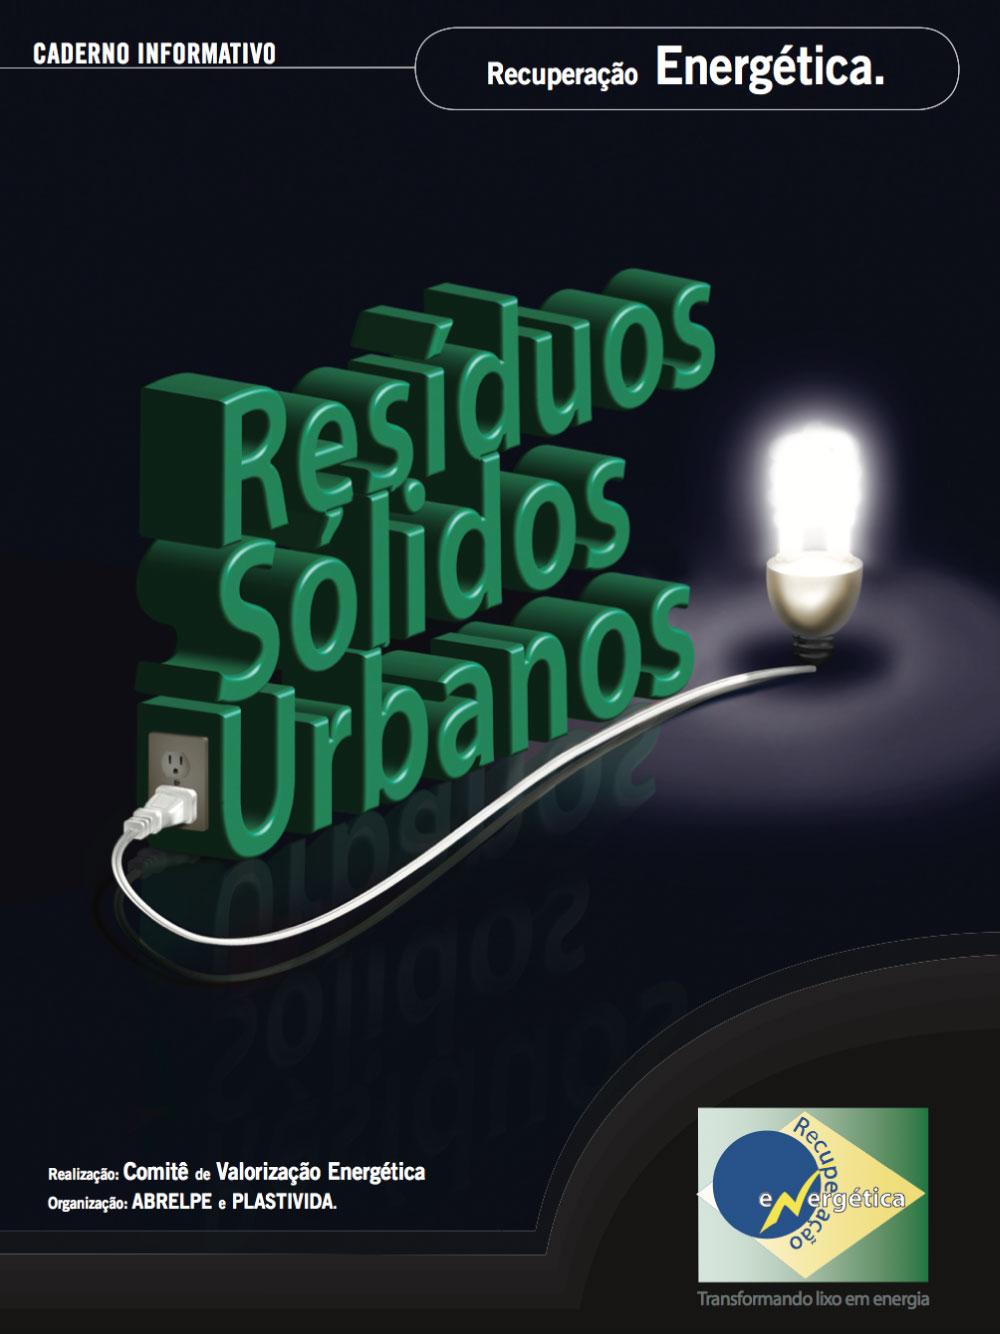 Caderno Informativo Recuperação Energética